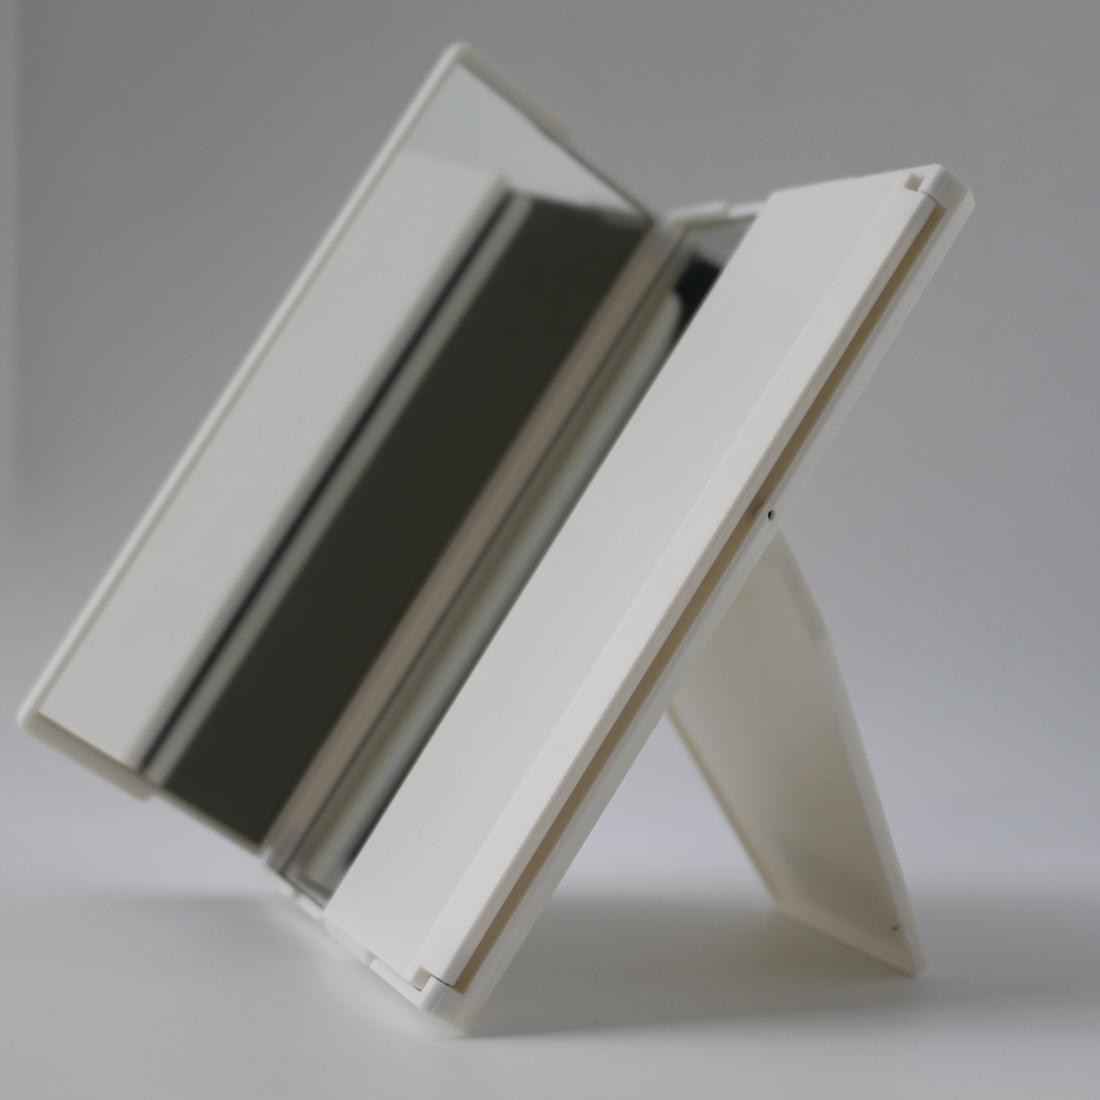 Gương trang điểm để bàn dạng gập MINISO MEDIUM FOLDING MIRROR - MNS031 1